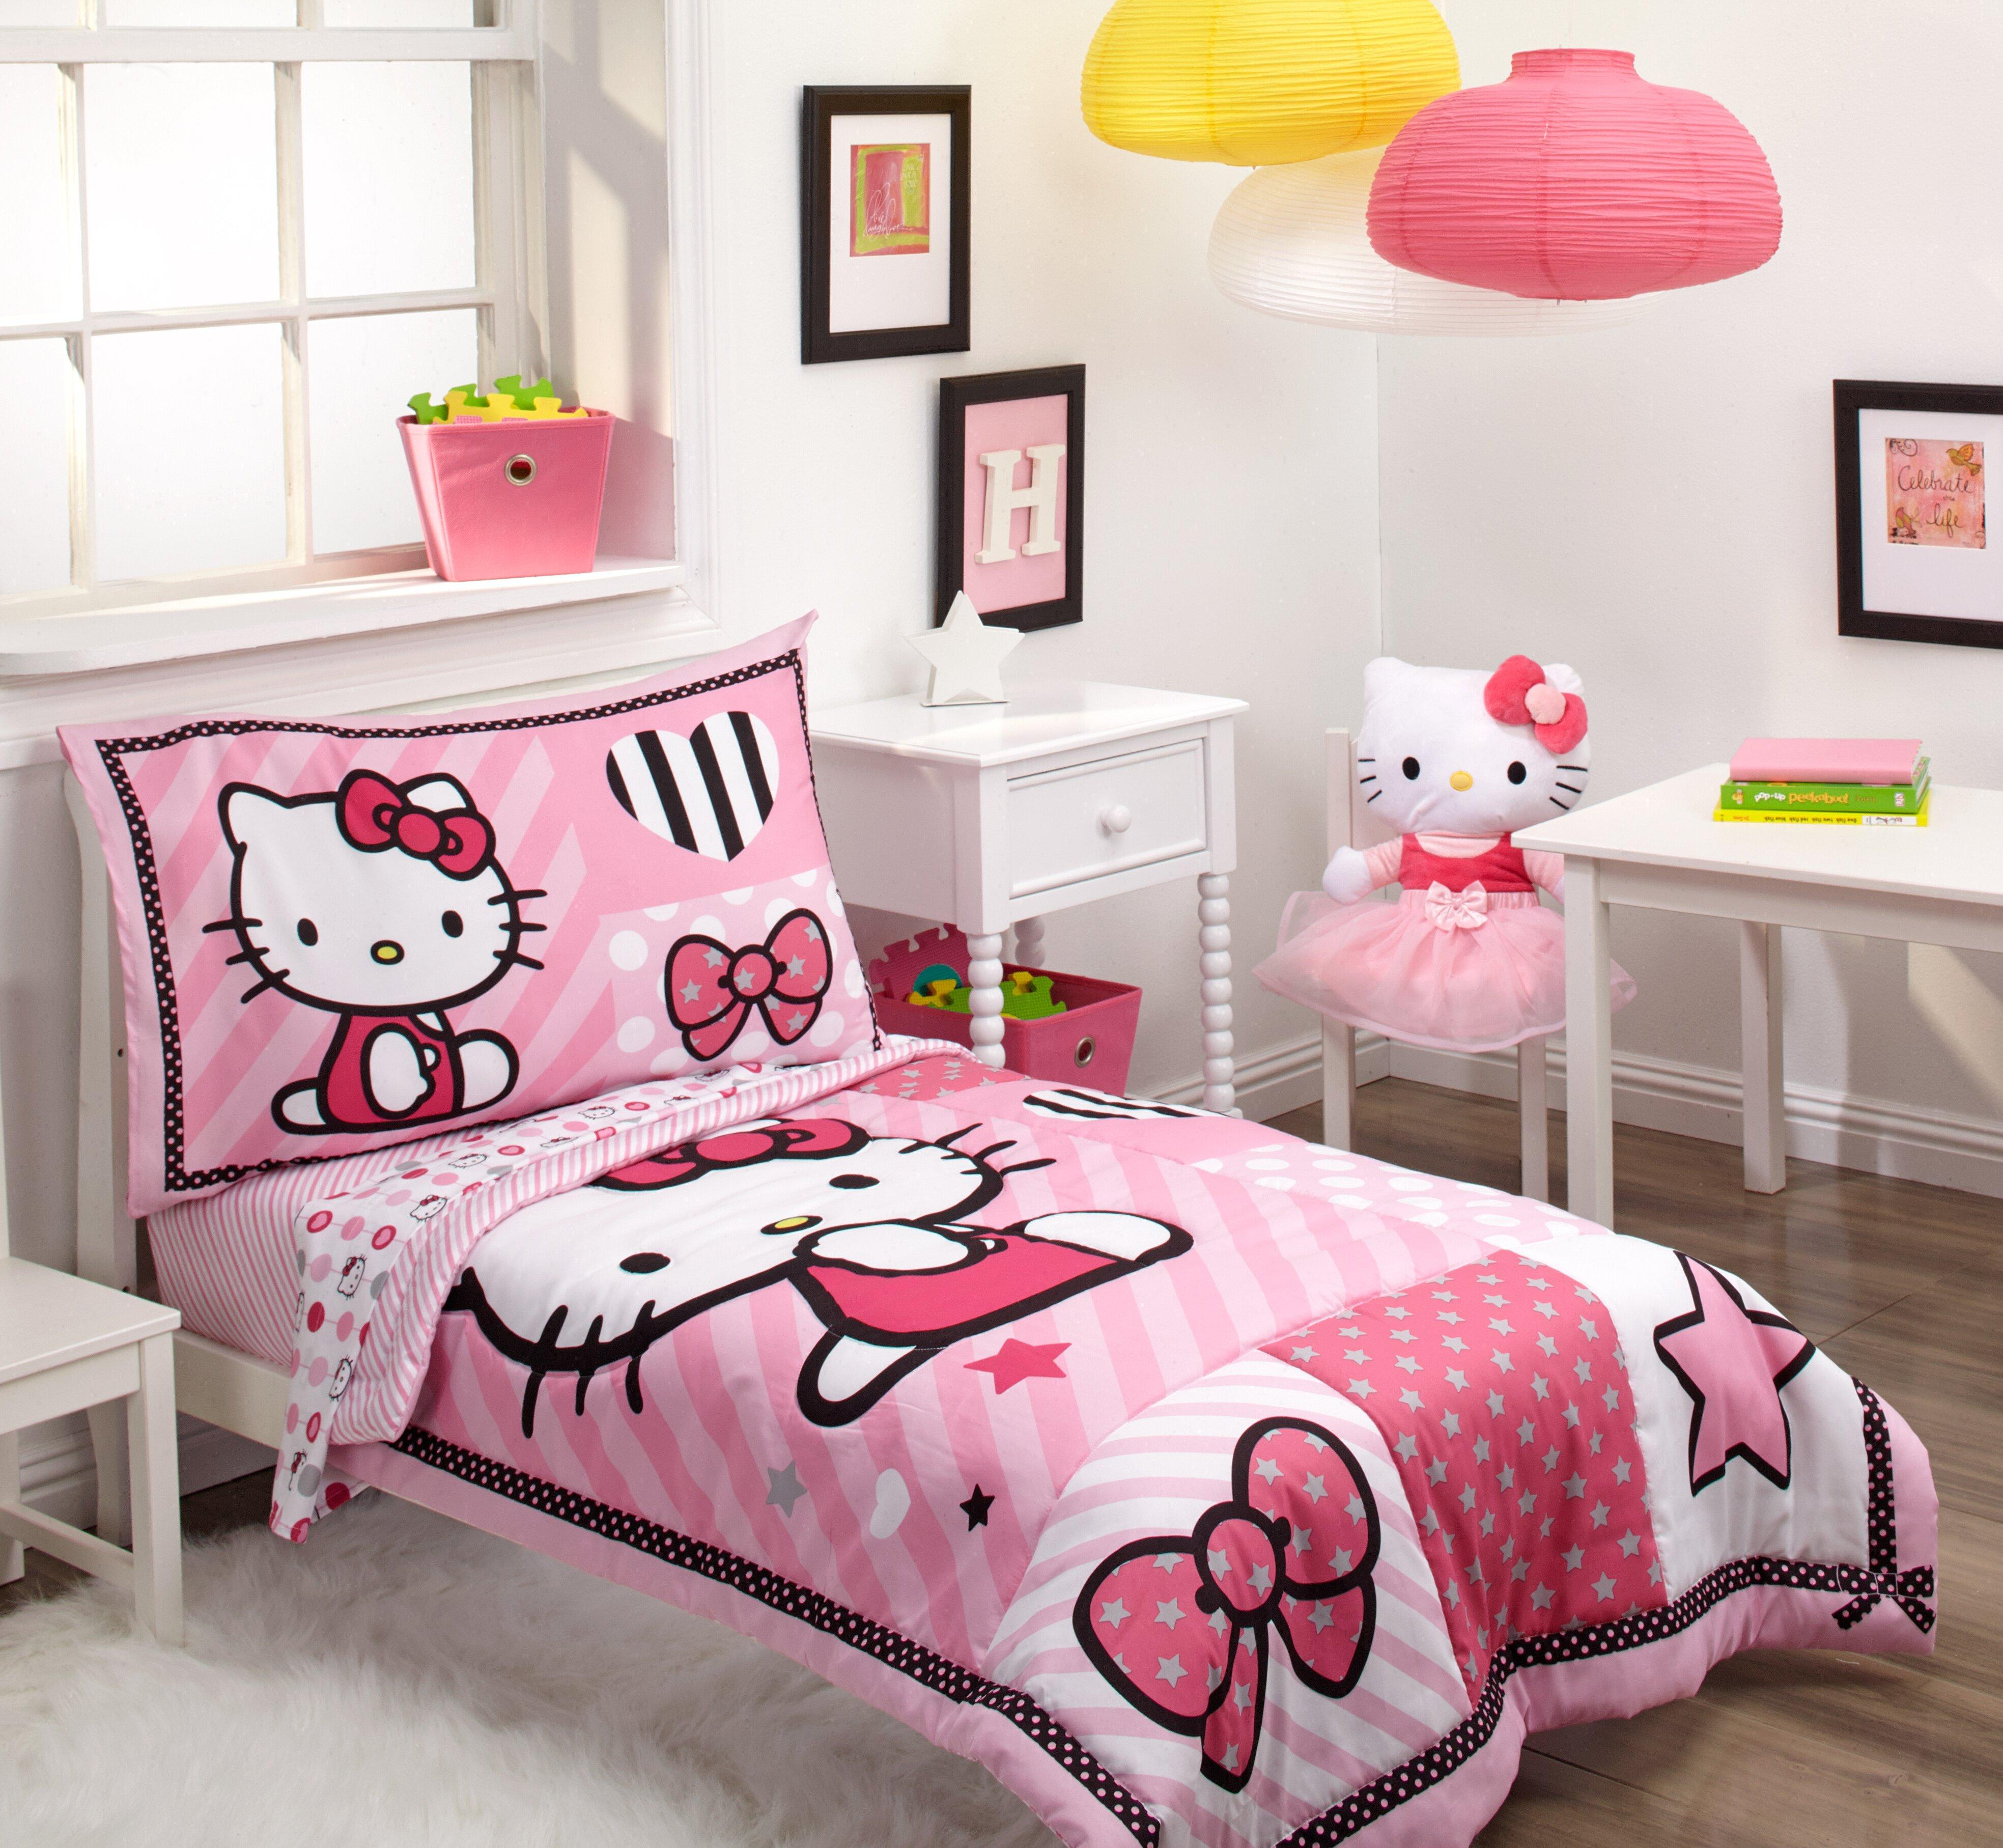 Super Sanrio Hello Kitty Sweetheart 4 Piece Toddler Bedding Set VM-29